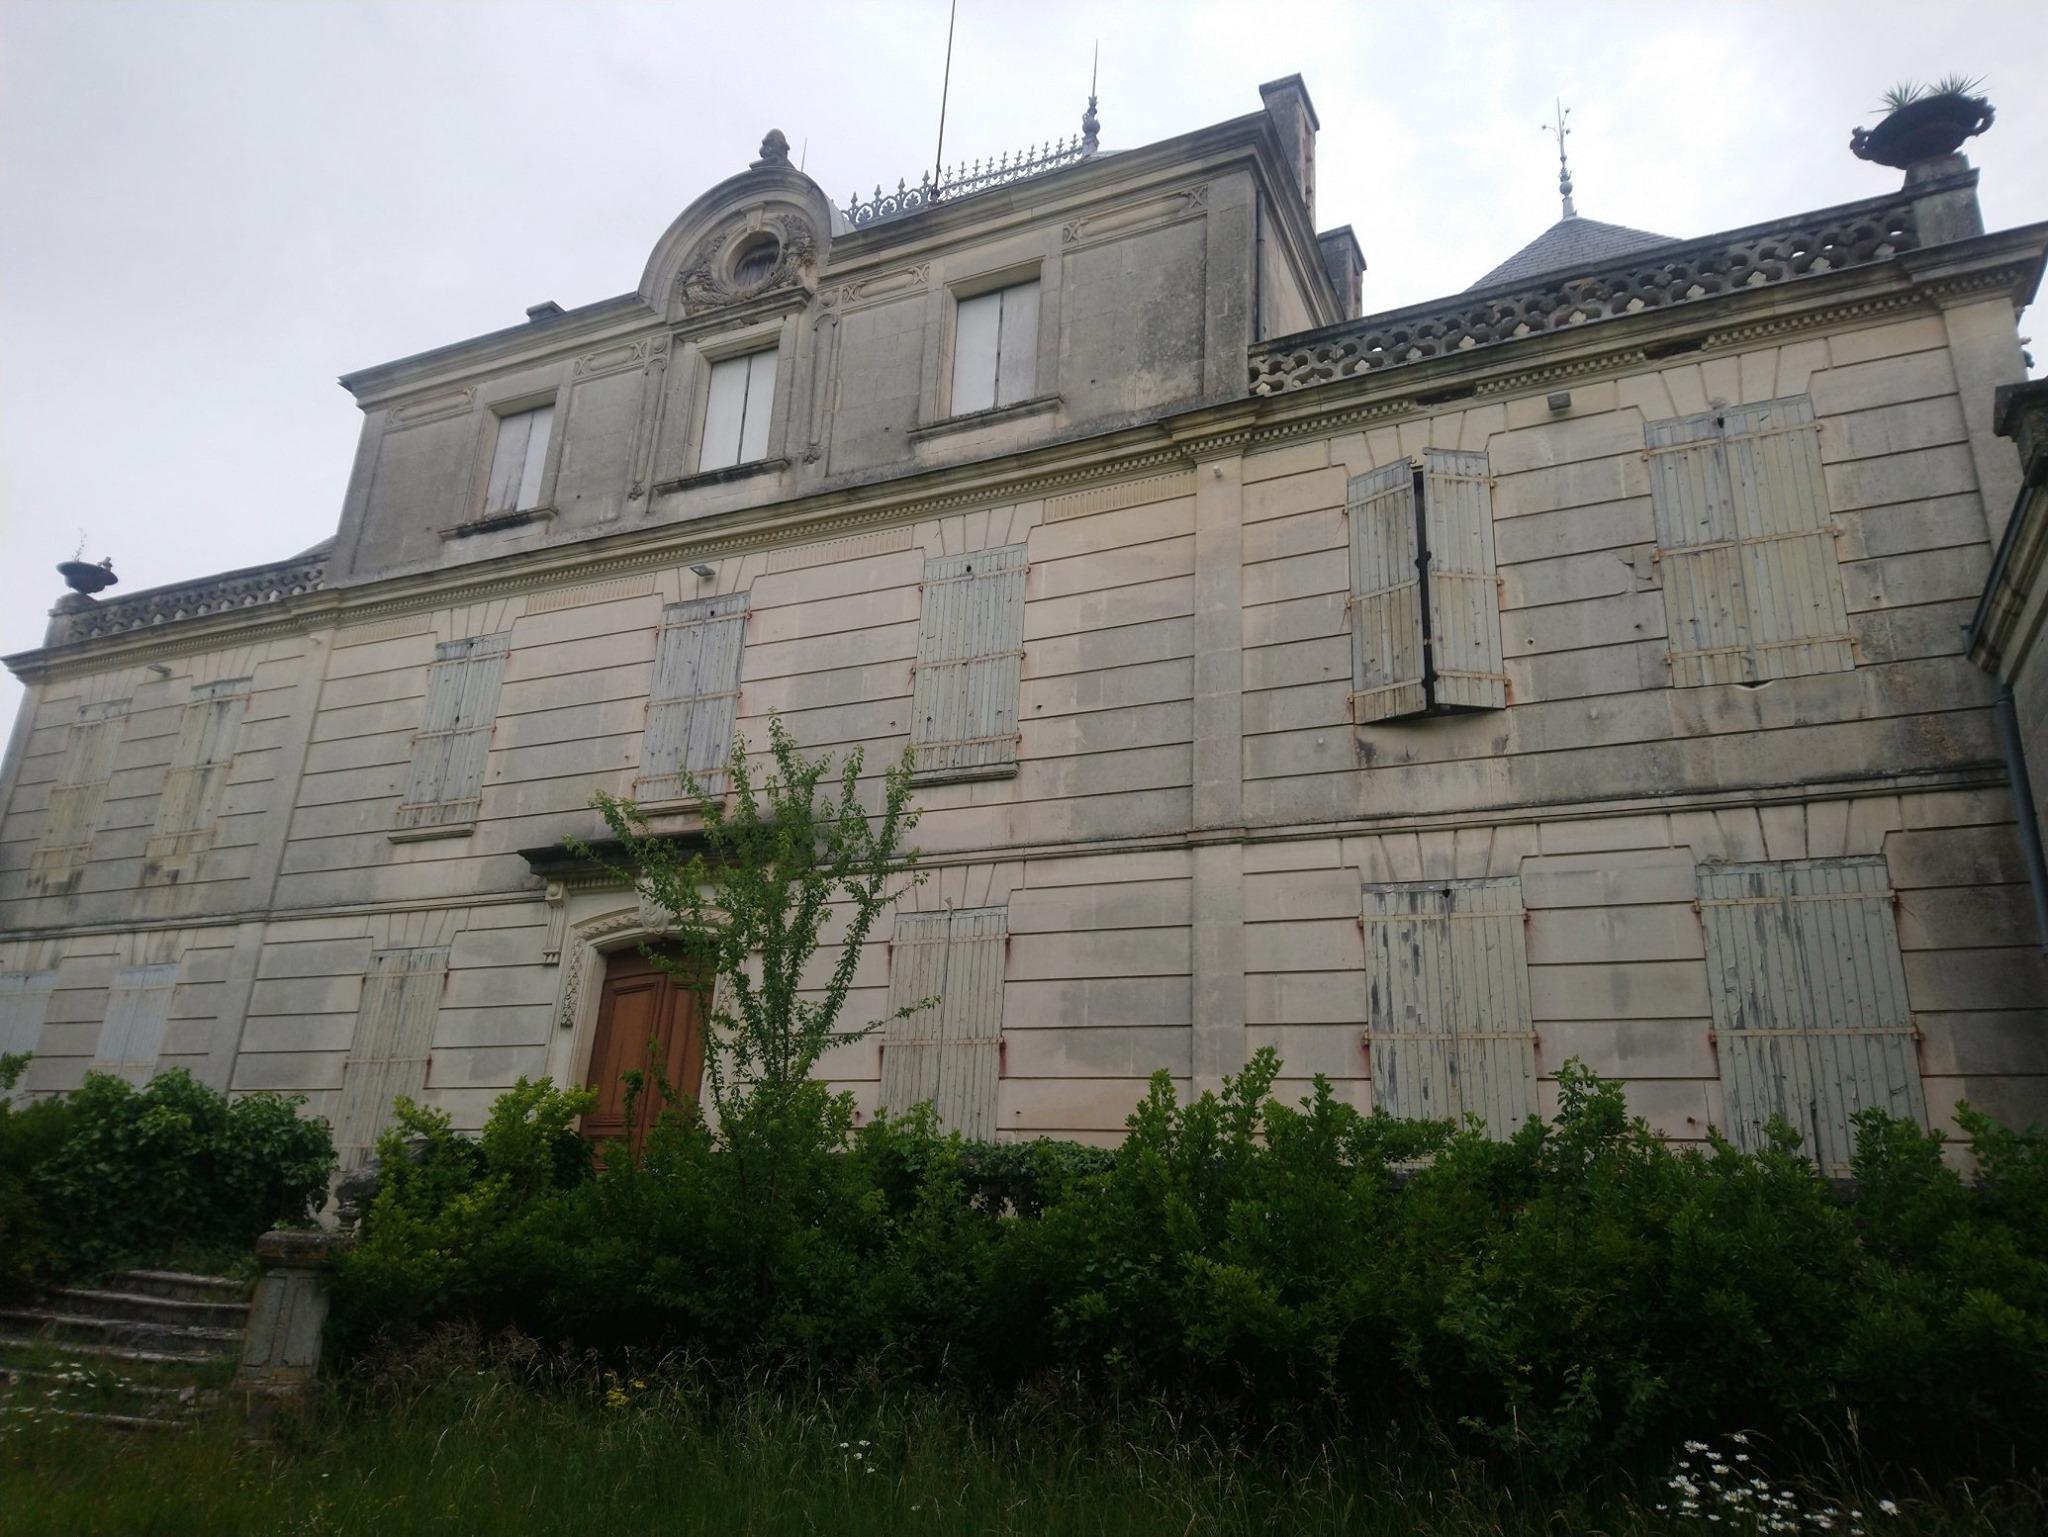 Maison de Mademoiselle - Maison Ferrand